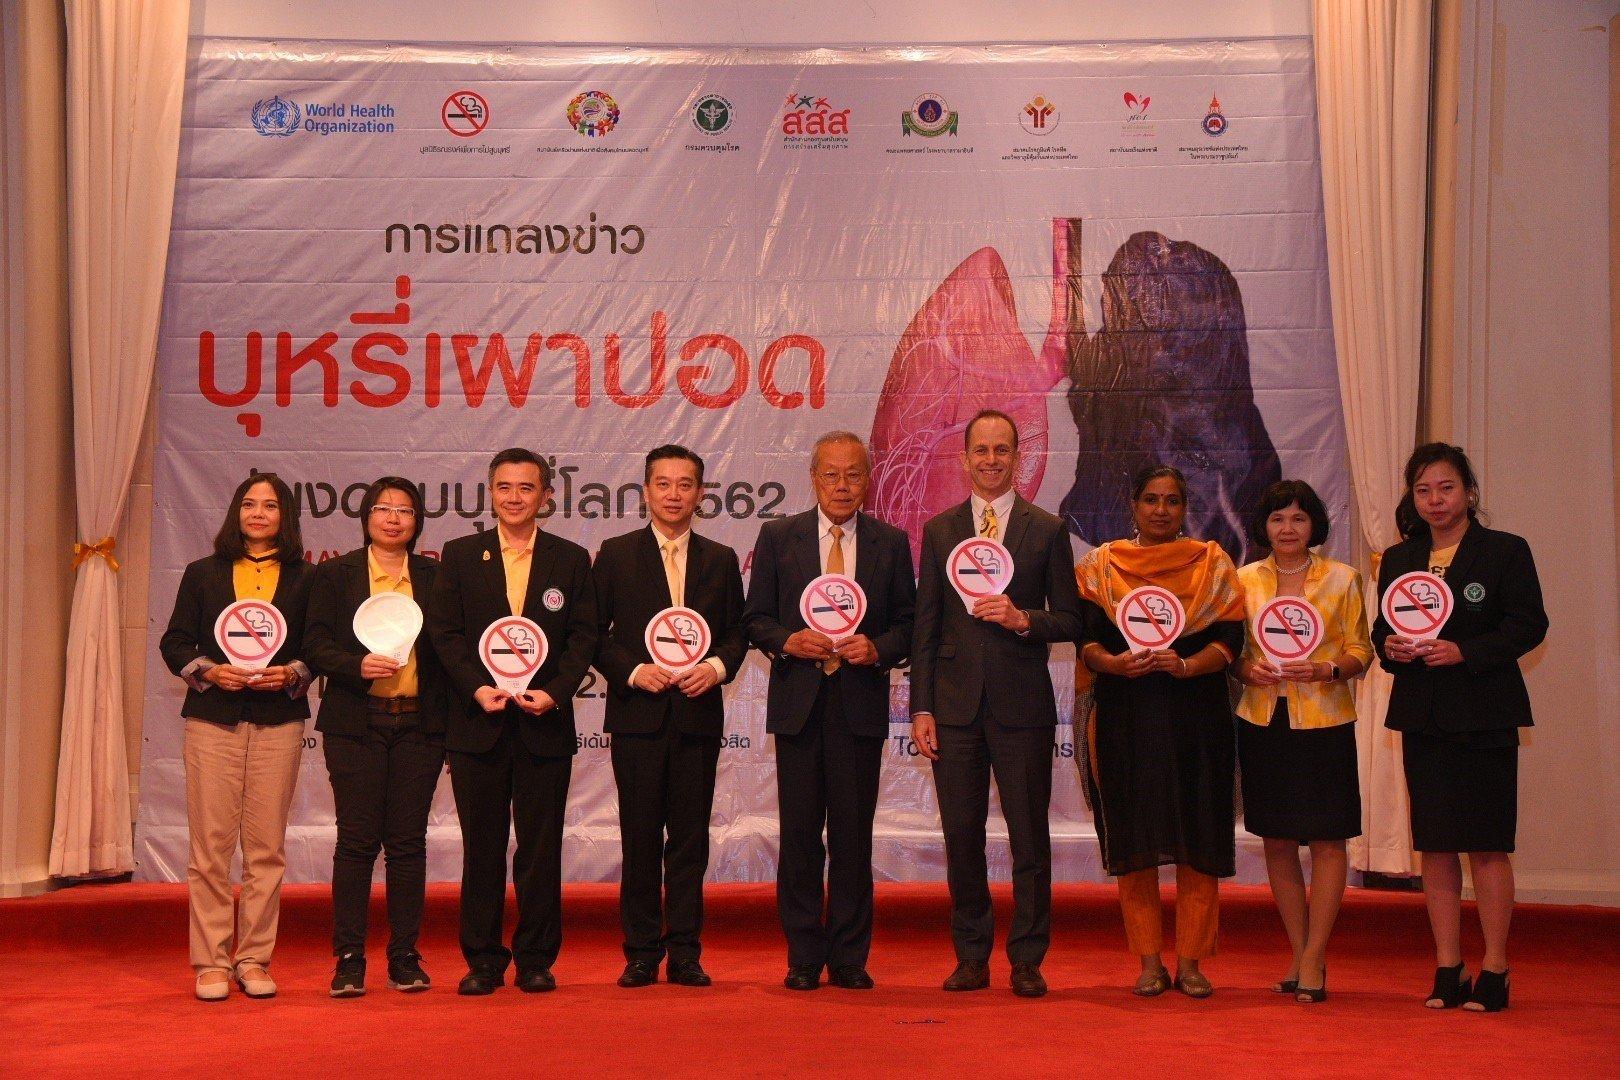 สูบบุหรี่ เท่ากับเผาปอดตั้งแต่ทางเดินหายใจจนถึงถุงลม thaihealth